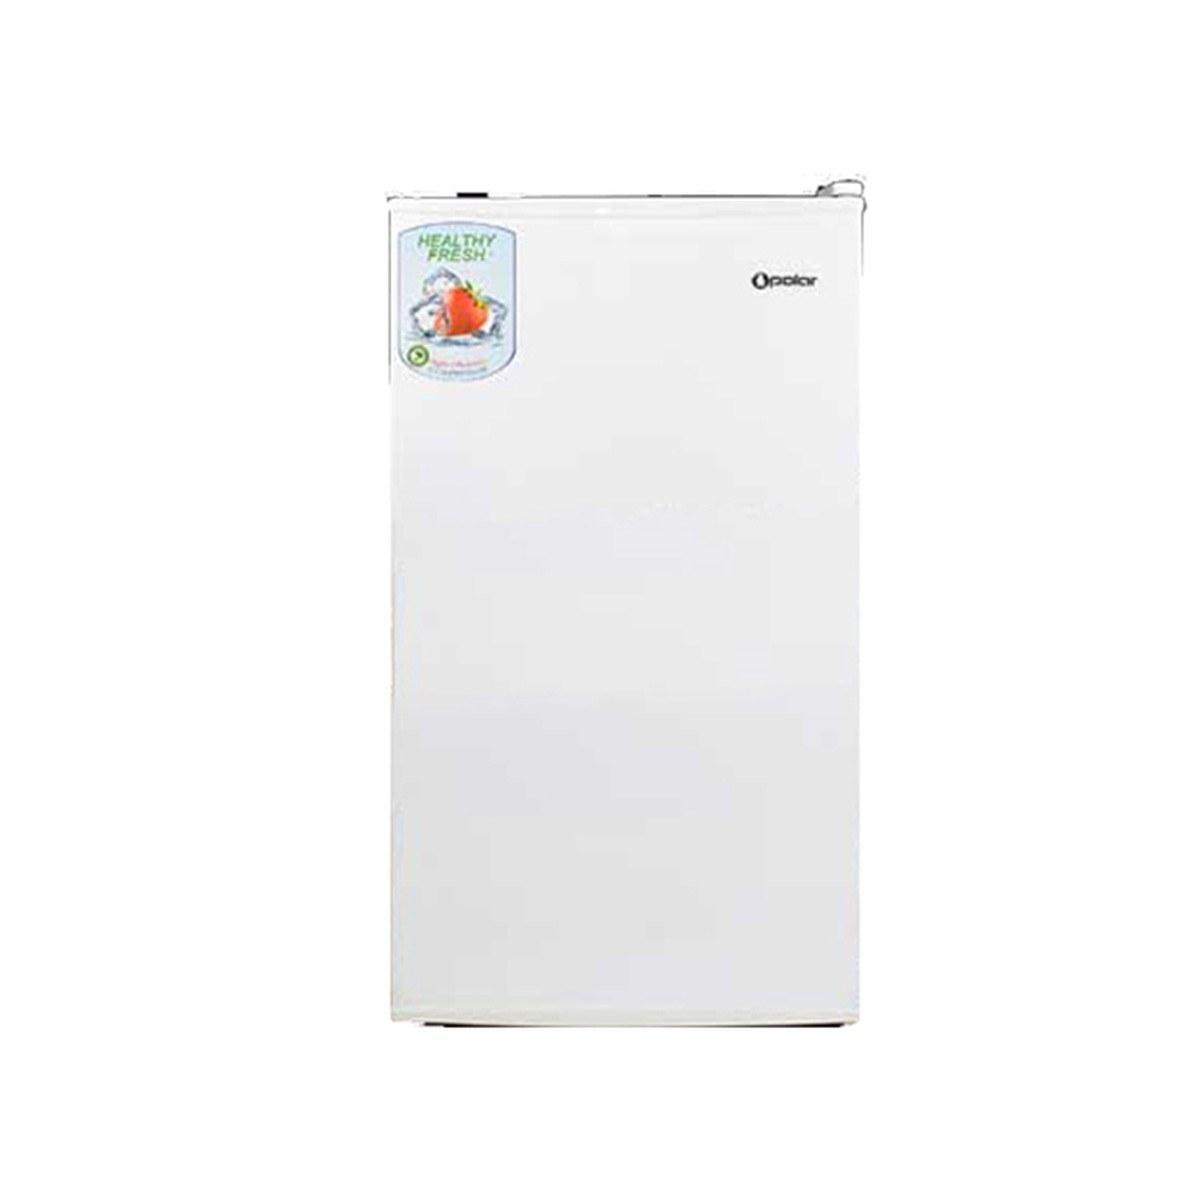 تصویر یخچال پلار مدل R62 Polar refrigerator model R62